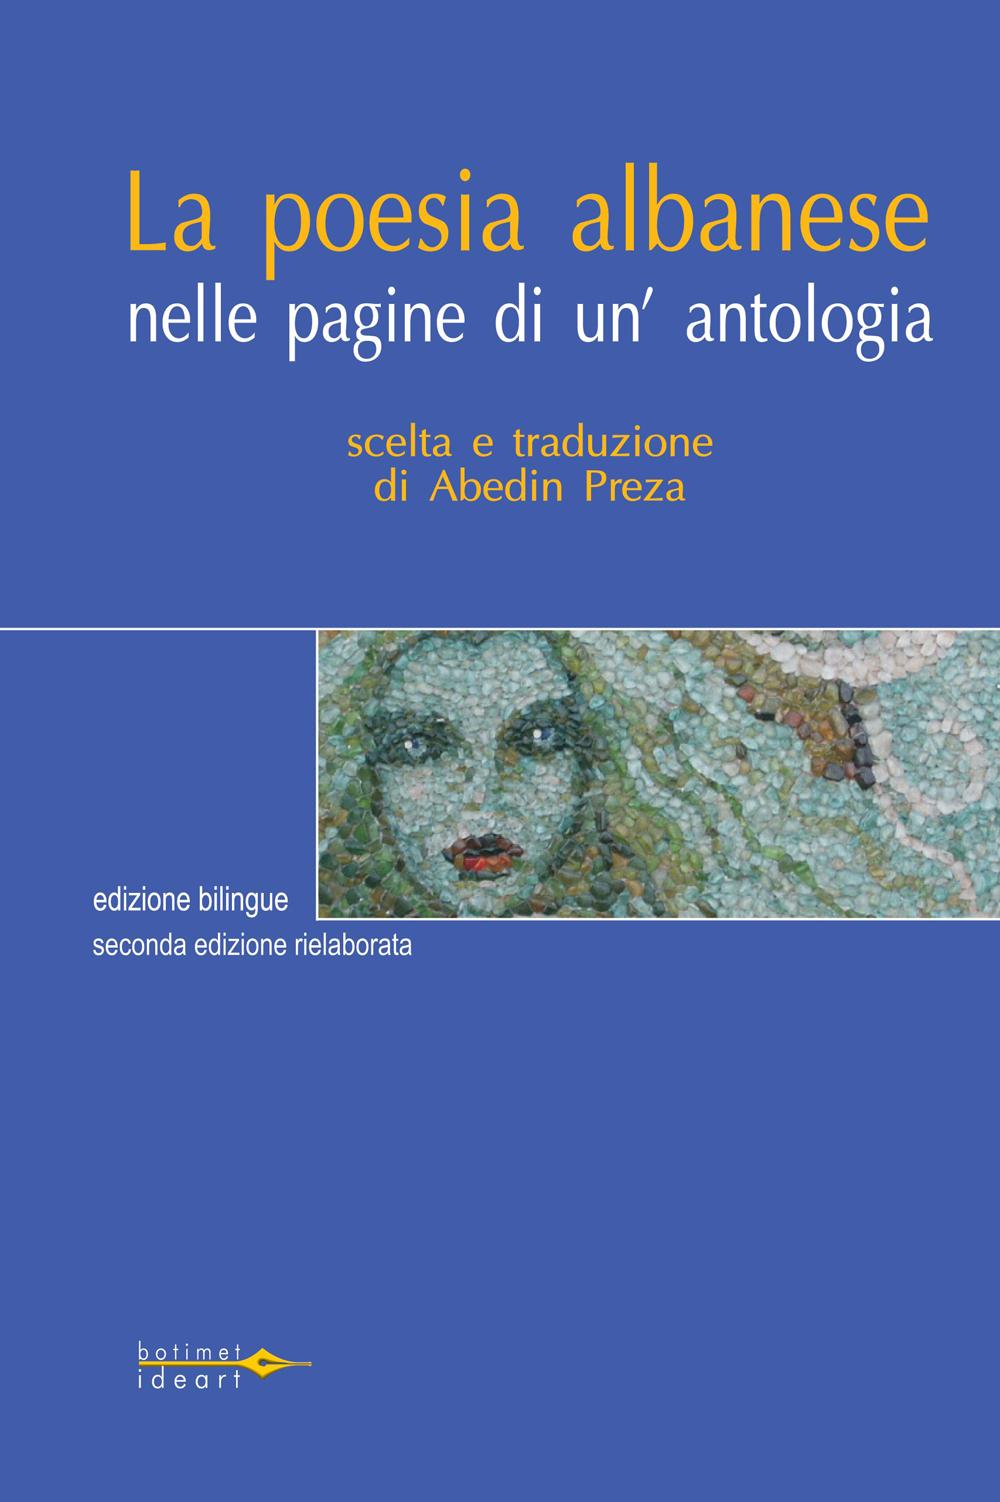 La poesia albanese nelle pagine di un'antologia